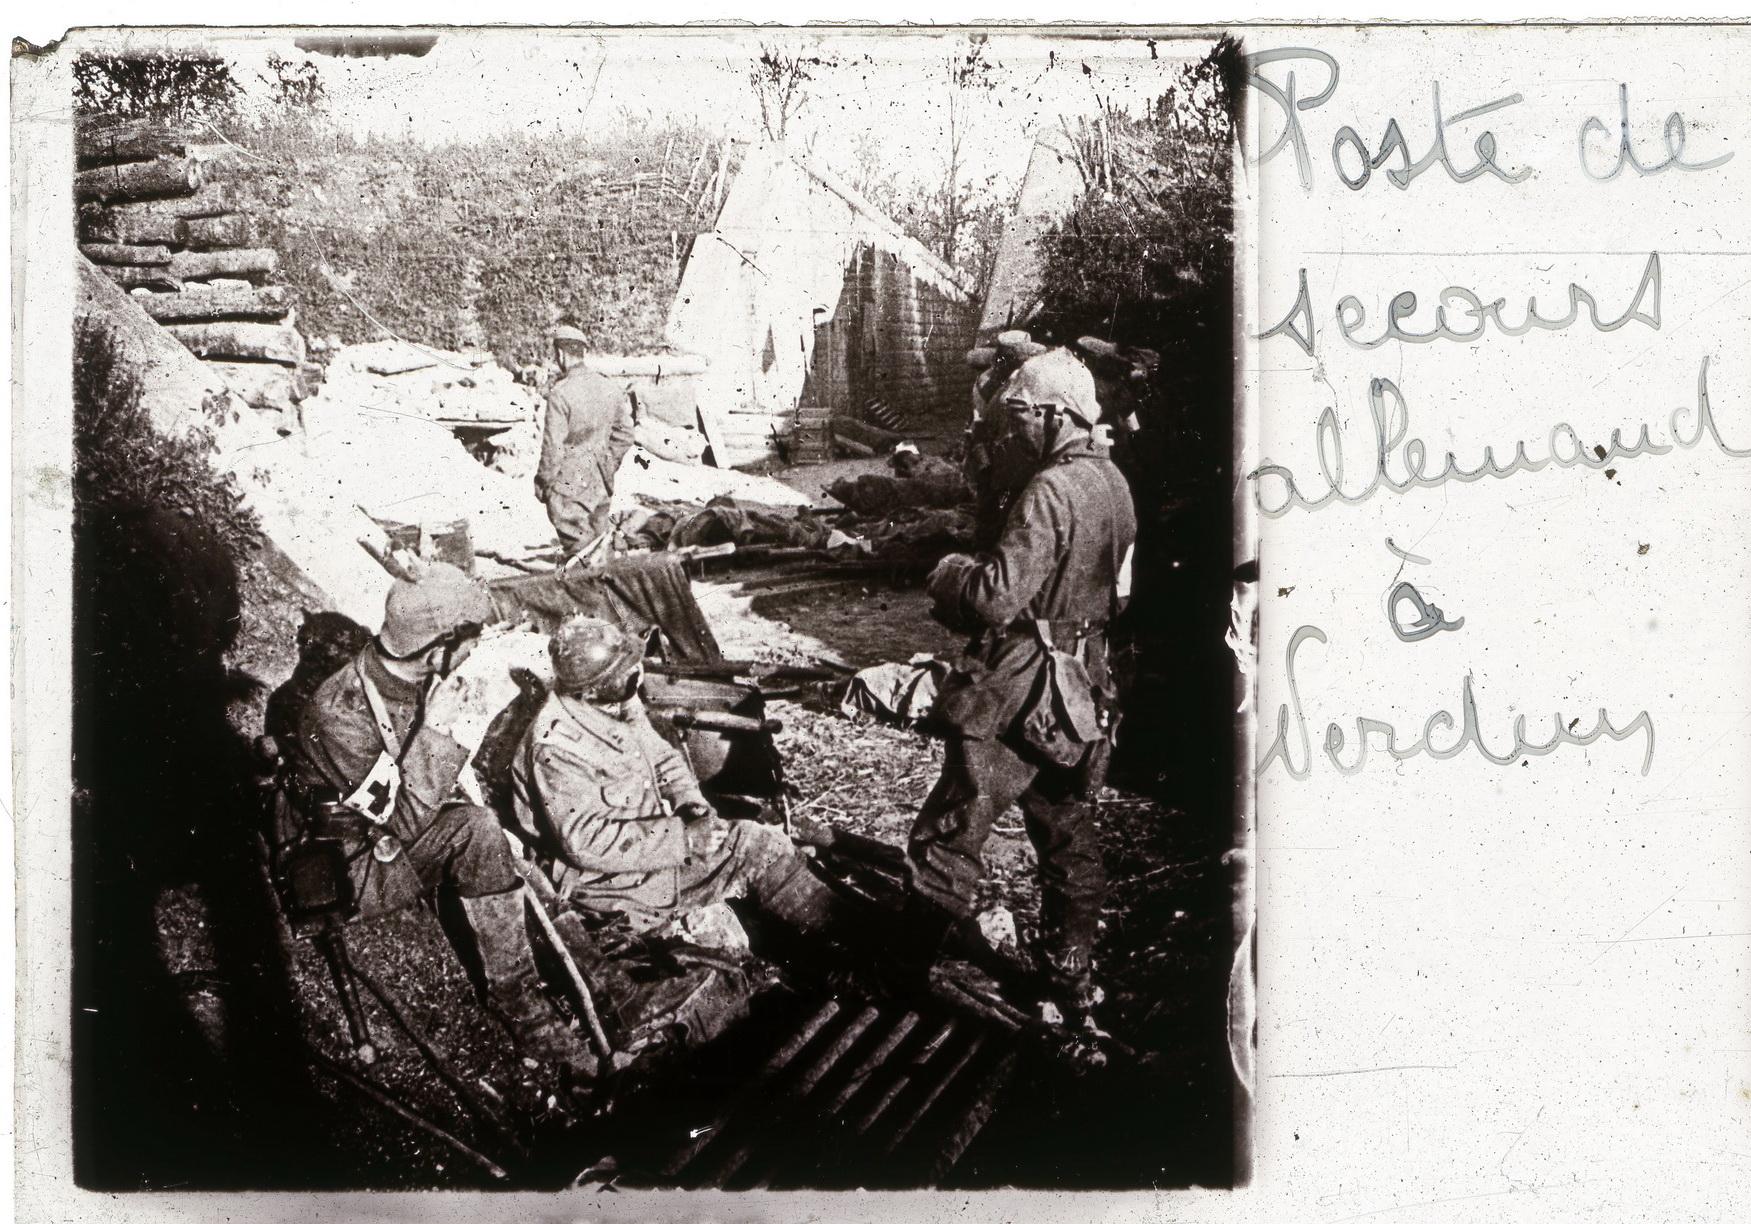 Neri_bt_21_016_D_Poste_de_Secours_Allemand_a_Verdun - Copie